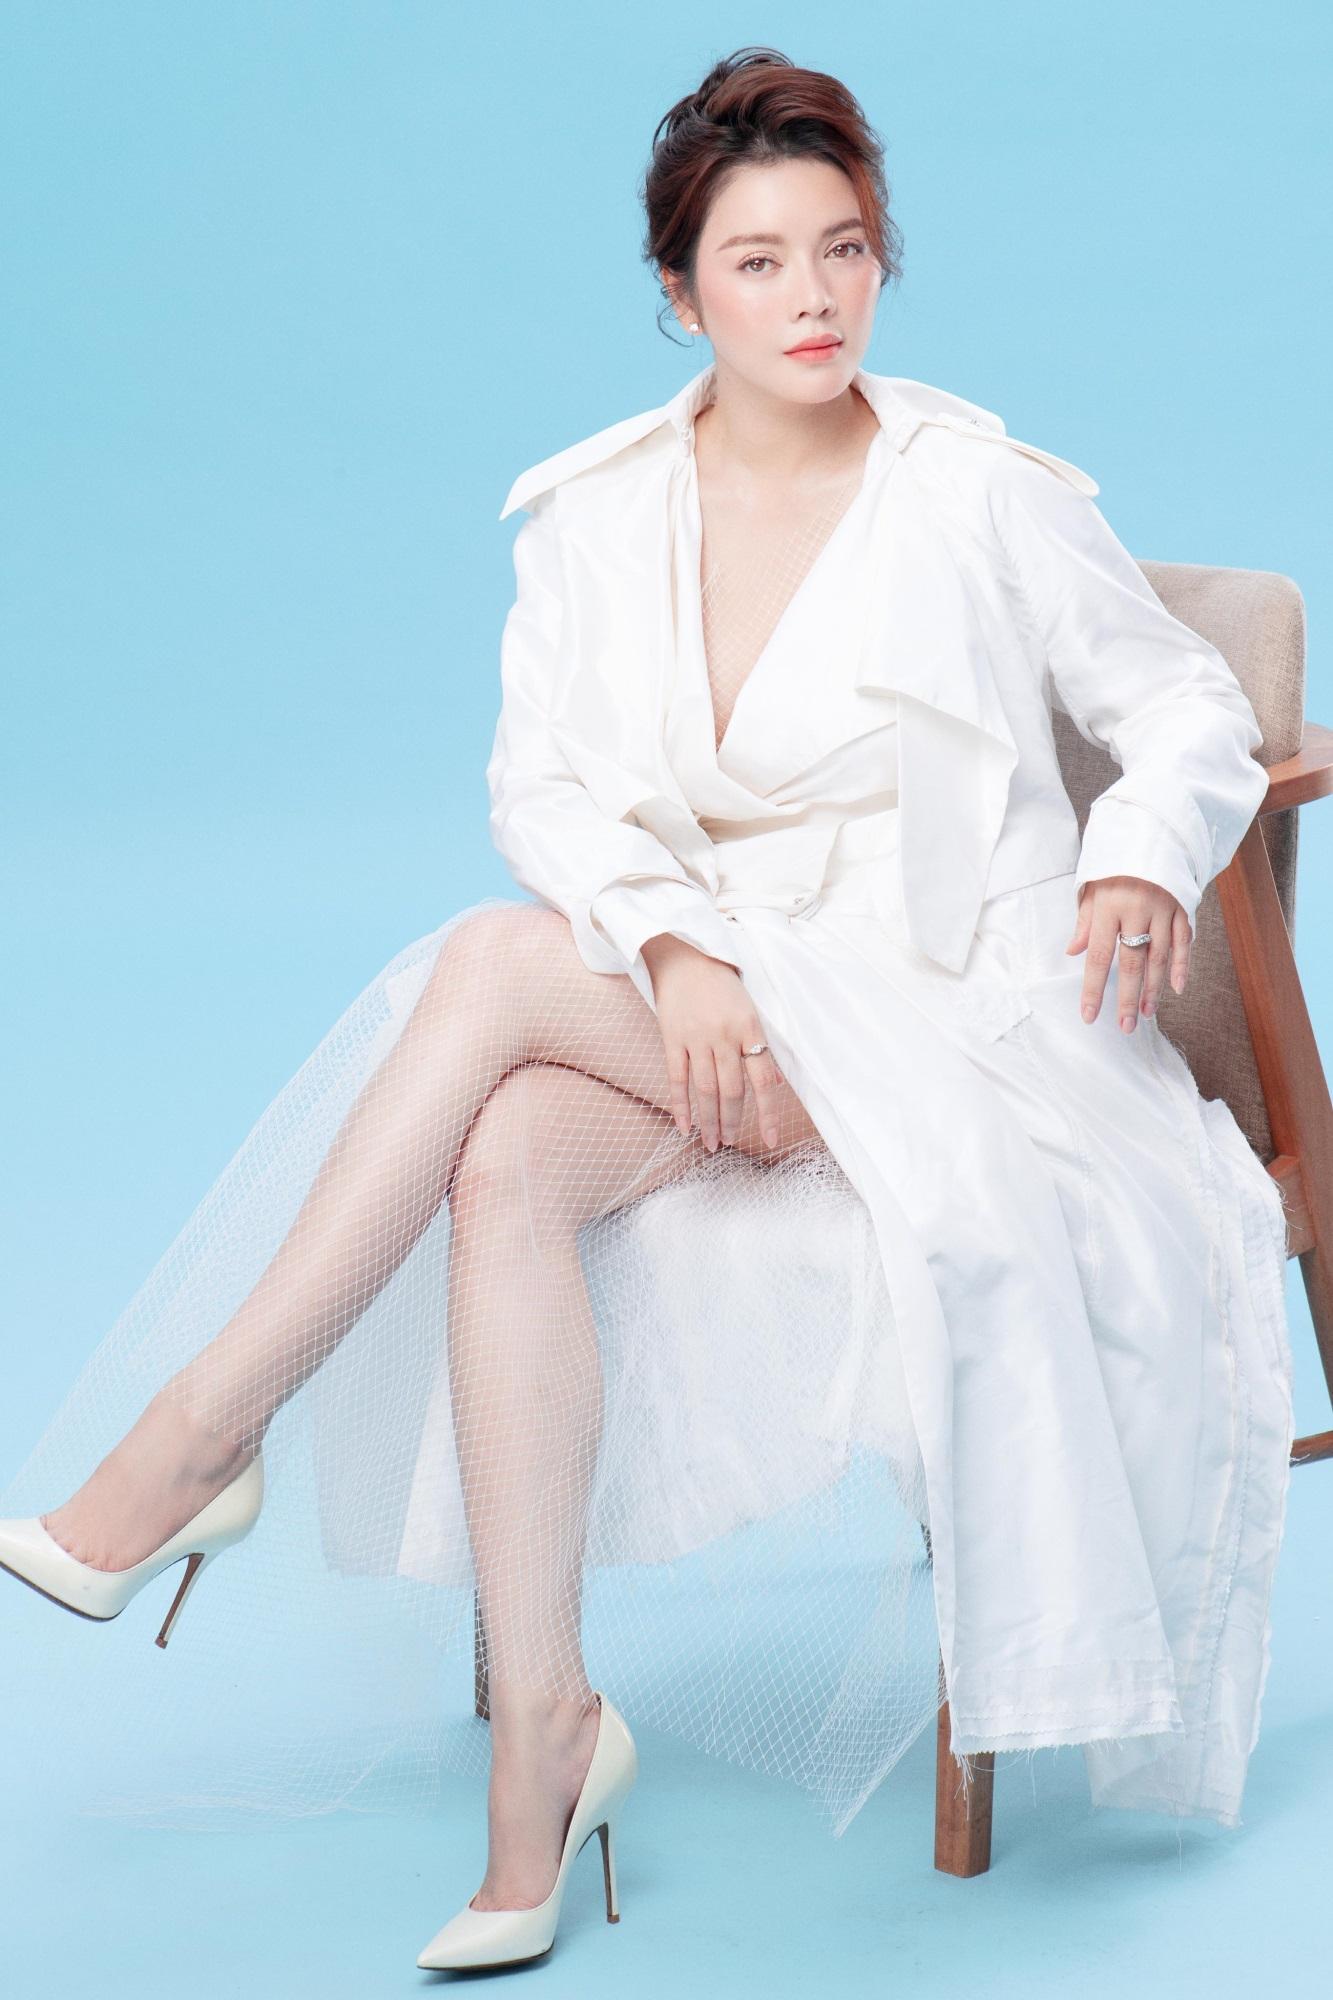 'Nữ hoàng kim cương' Lý Nhã Kỳ khiến fan mê mệt khi diện trang phục xẻ ngực gợi cảm - Ảnh 1